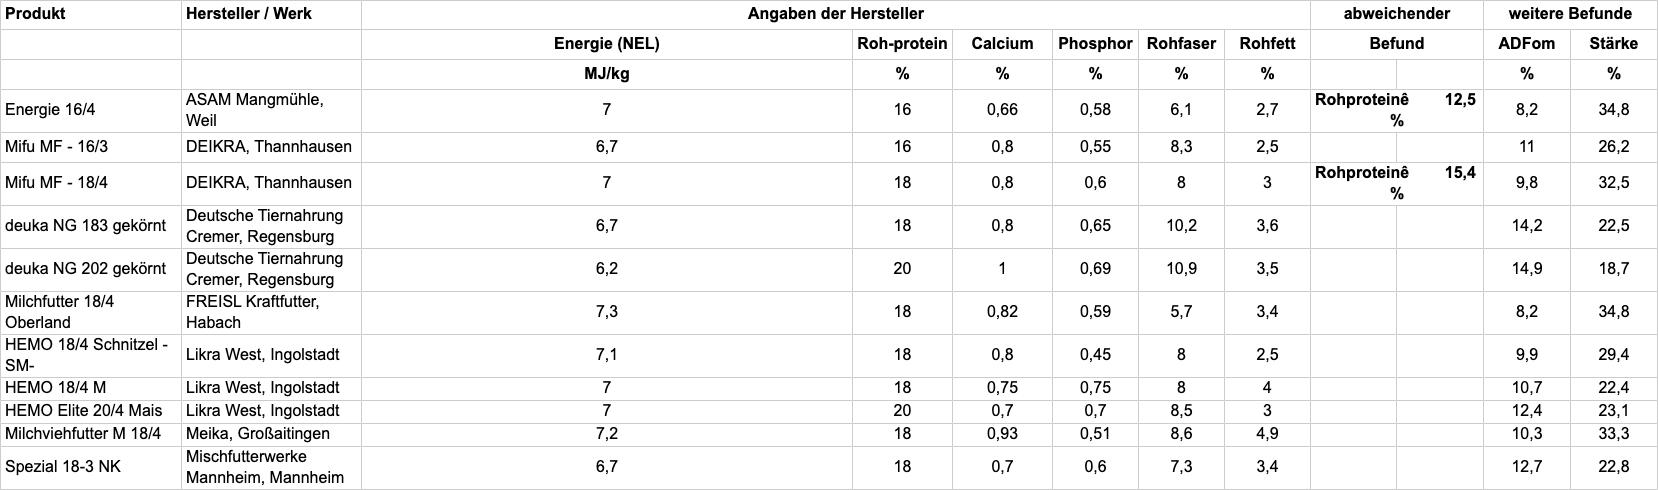 Tabelle A: Prüfung der Inhaltsstoffe und Einhaltung der Deklaration; TAB95-2020